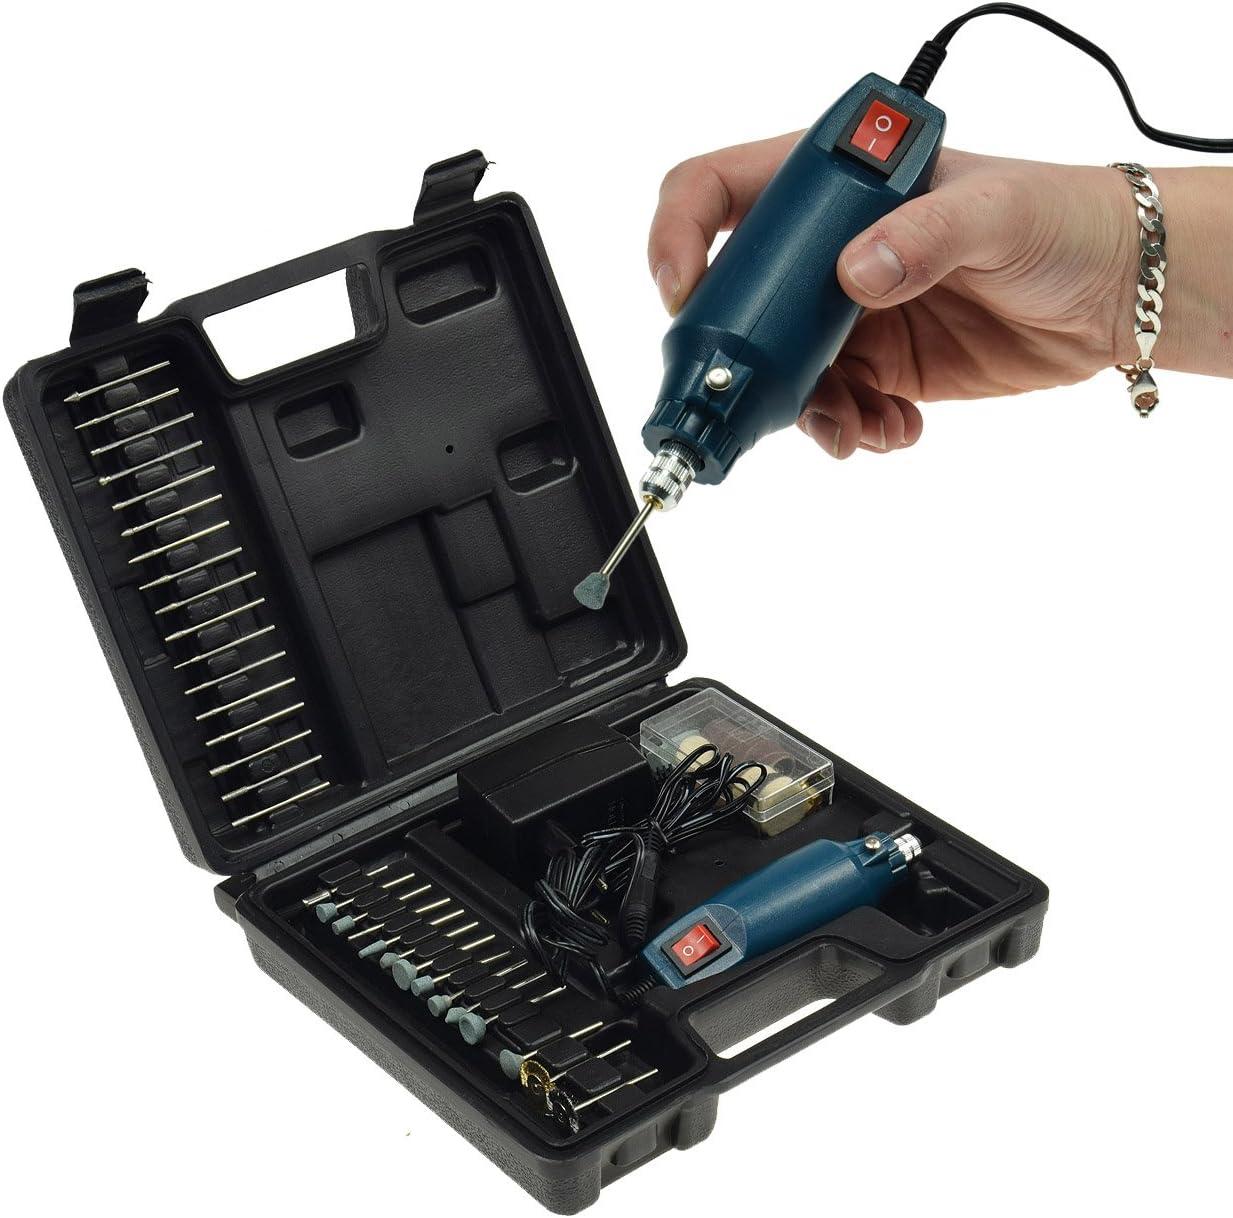 ATATMOUNT Handheld Mini-Bohrmaschine f/ür Perlmutt-Epoxidharzschmuck Herstellung von DIY-Holzhandwerkzeugen mit 5-V-USB-Datenkabel